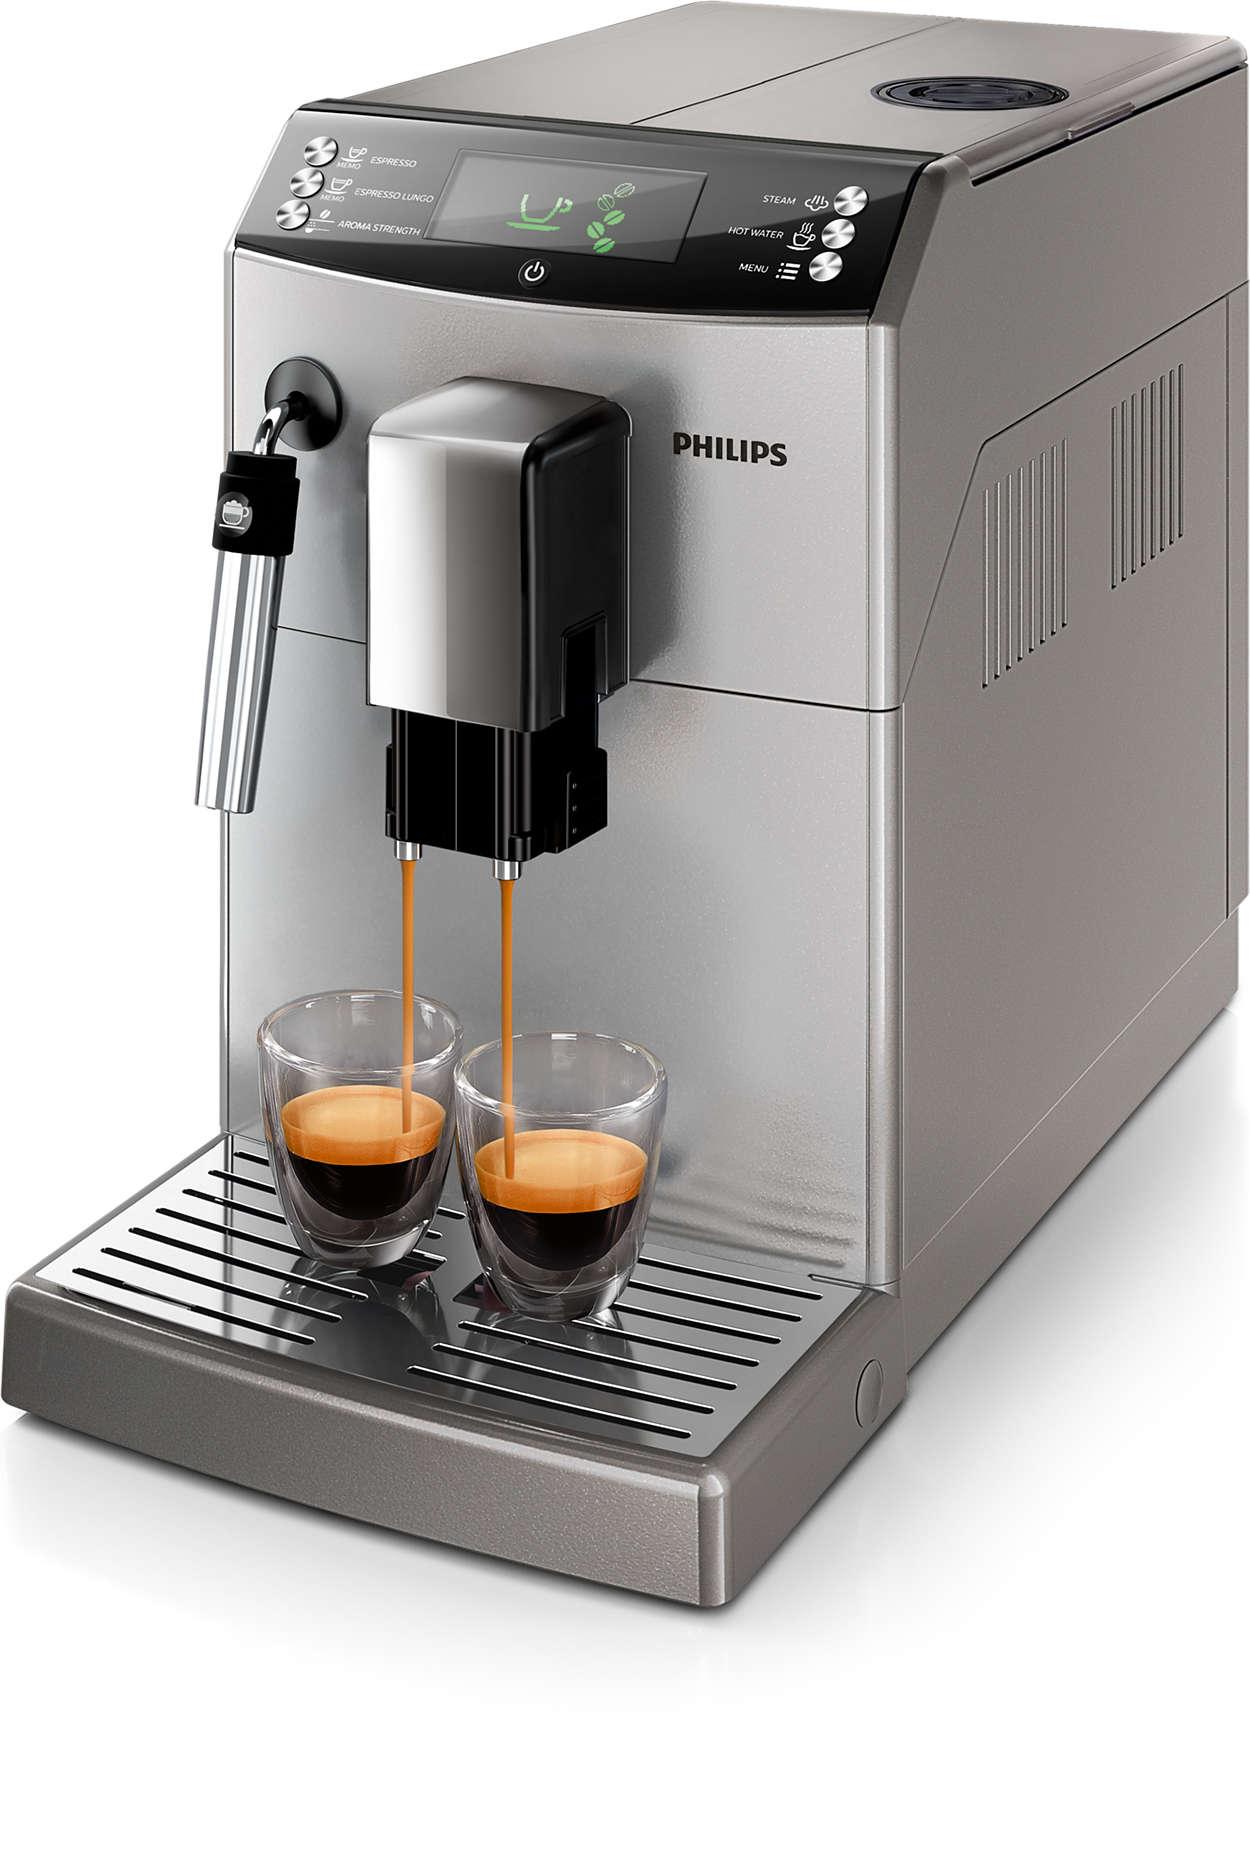 Café com um só toque, exactamente da forma que gosta